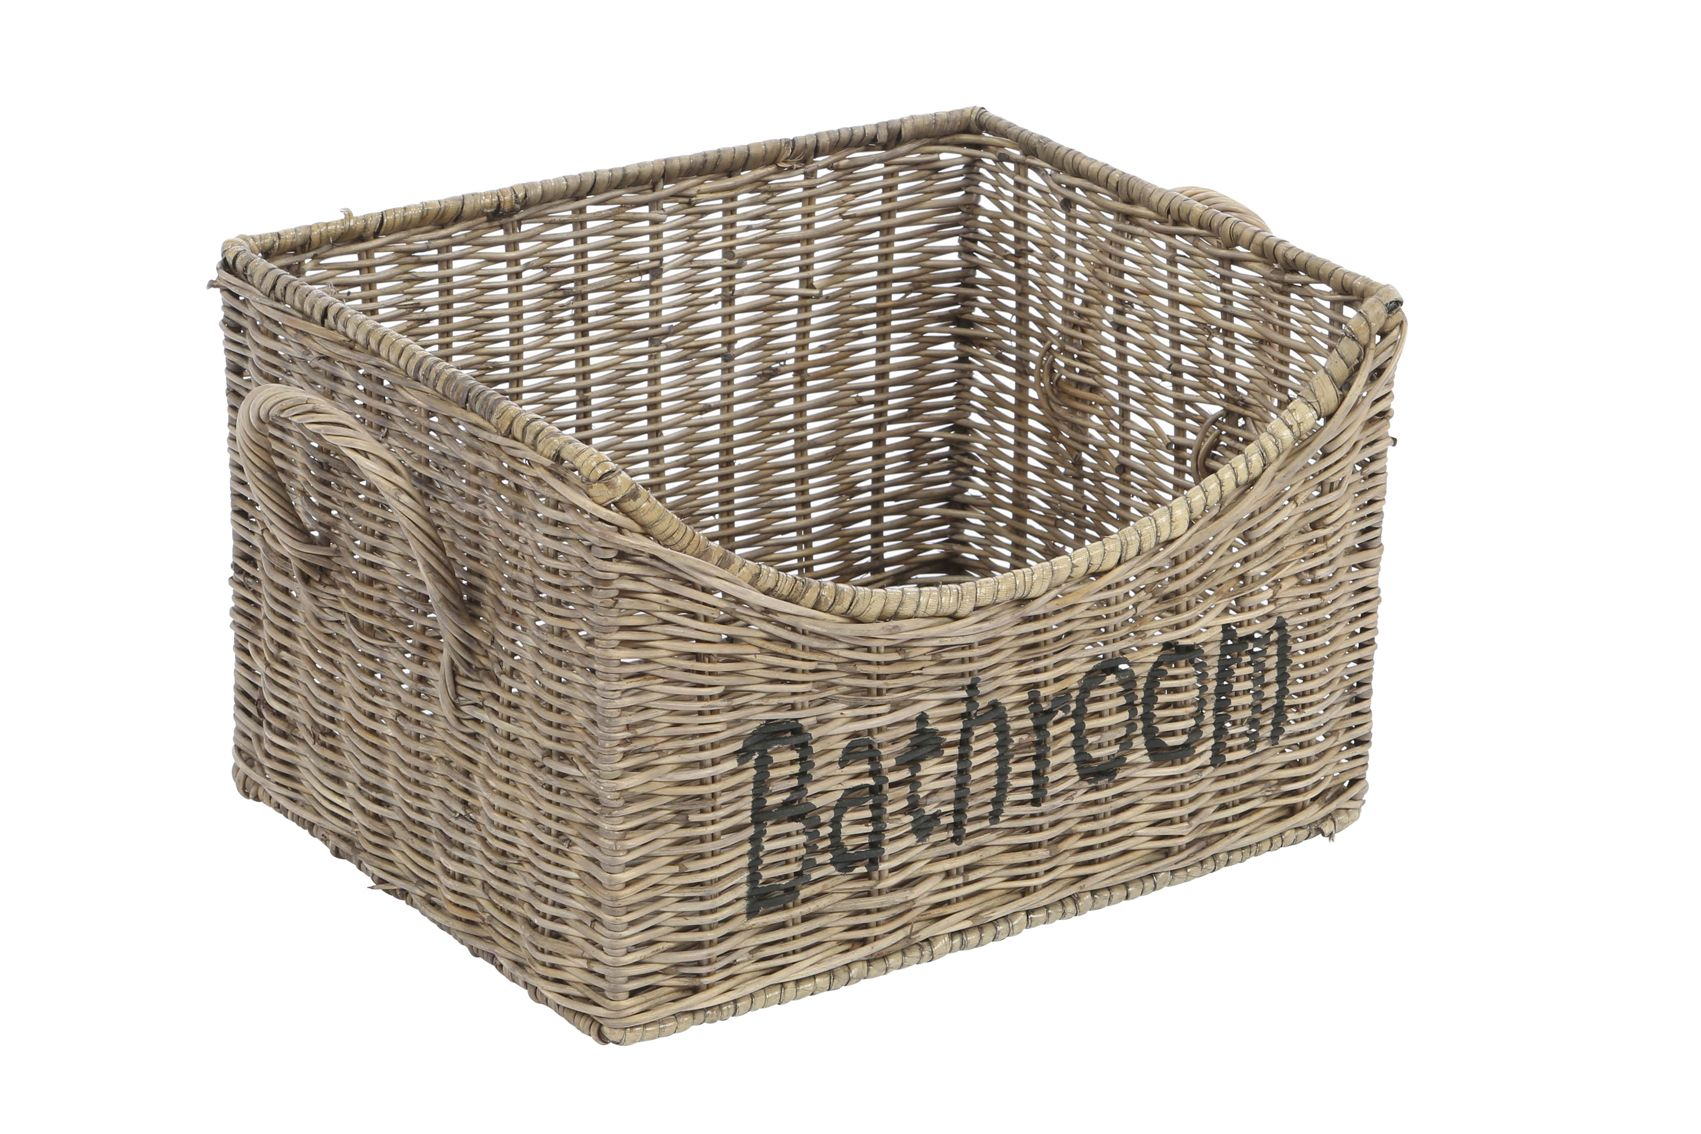 Rieten badkamer mand